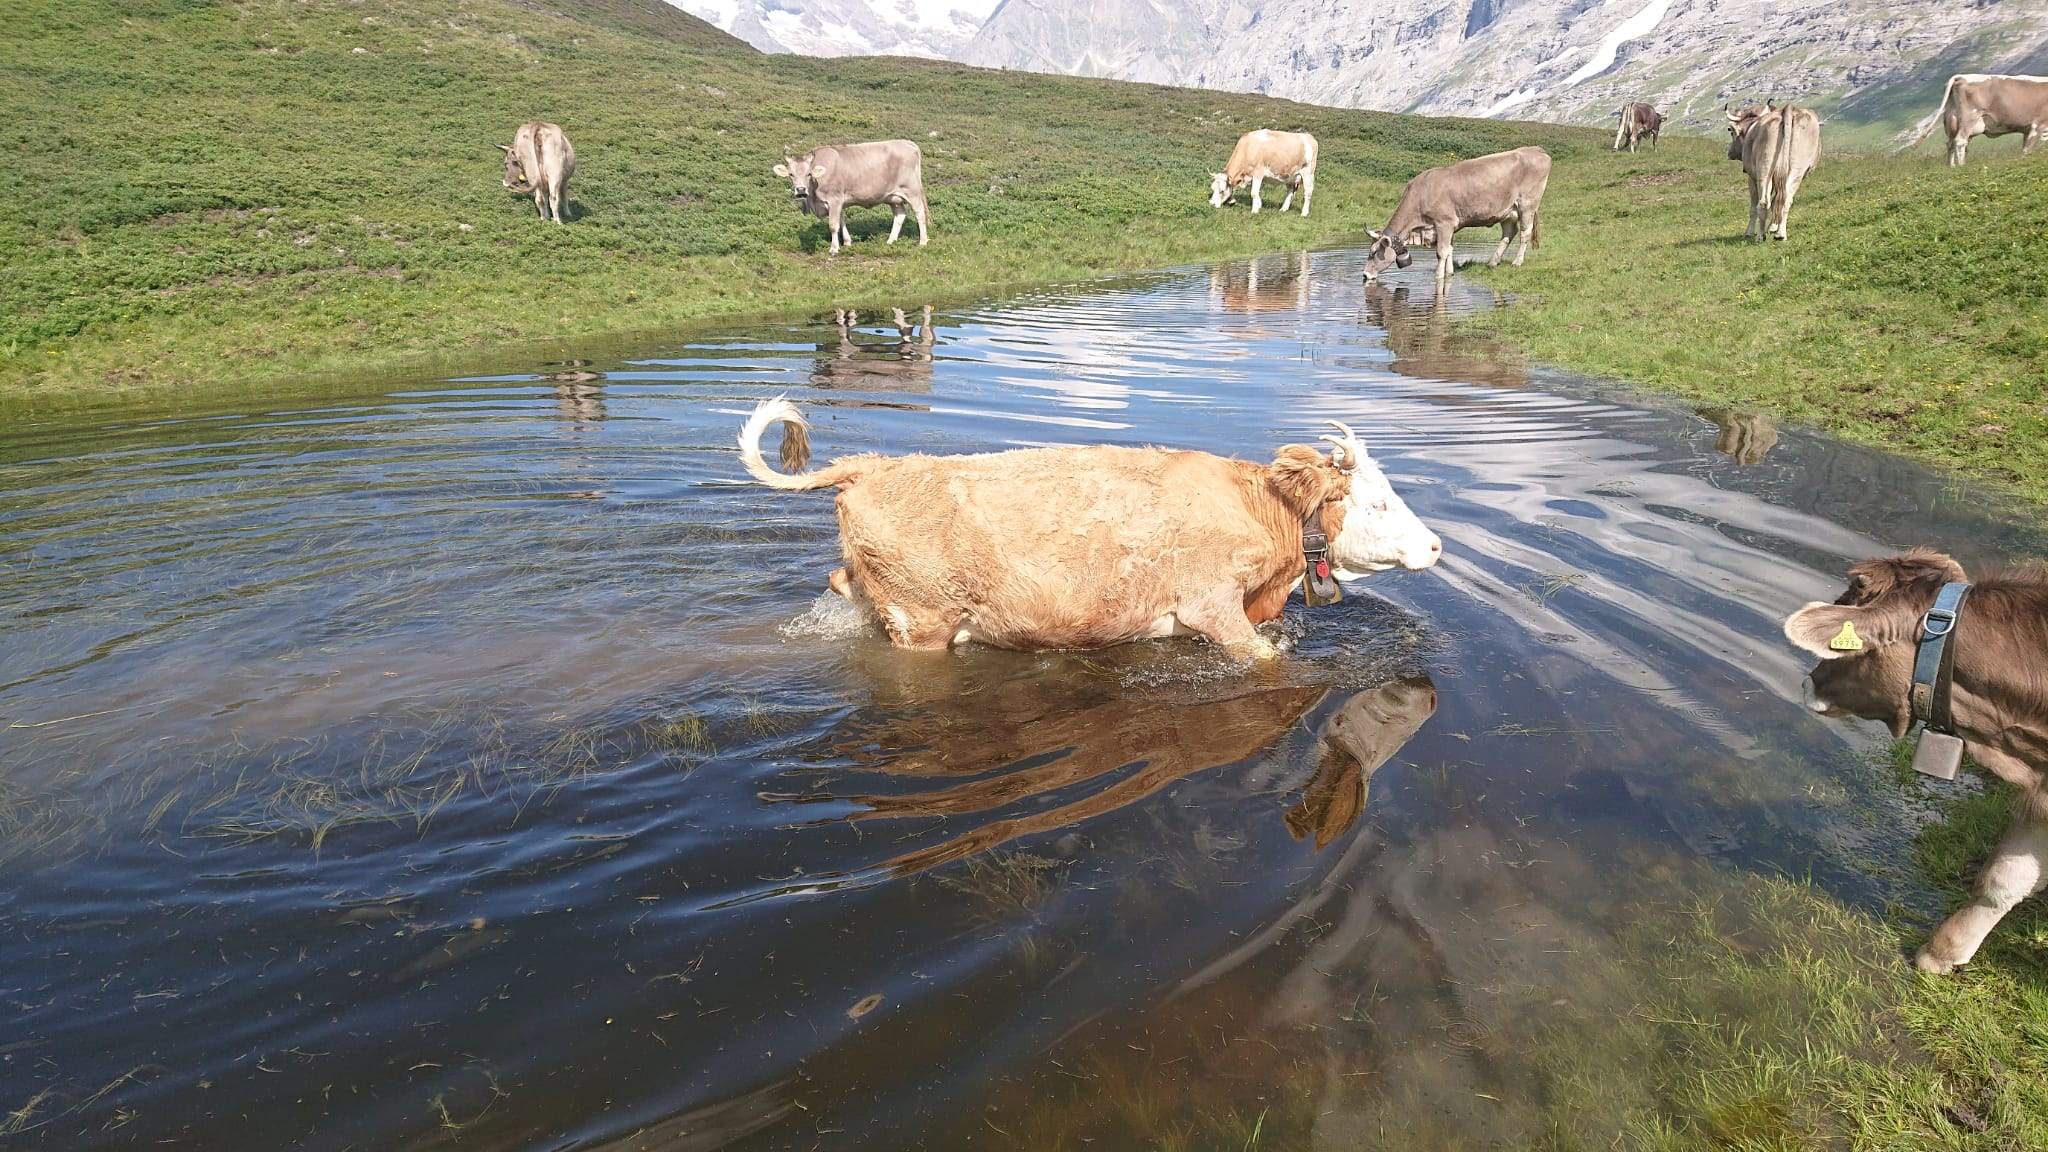 Kuh im Wasser